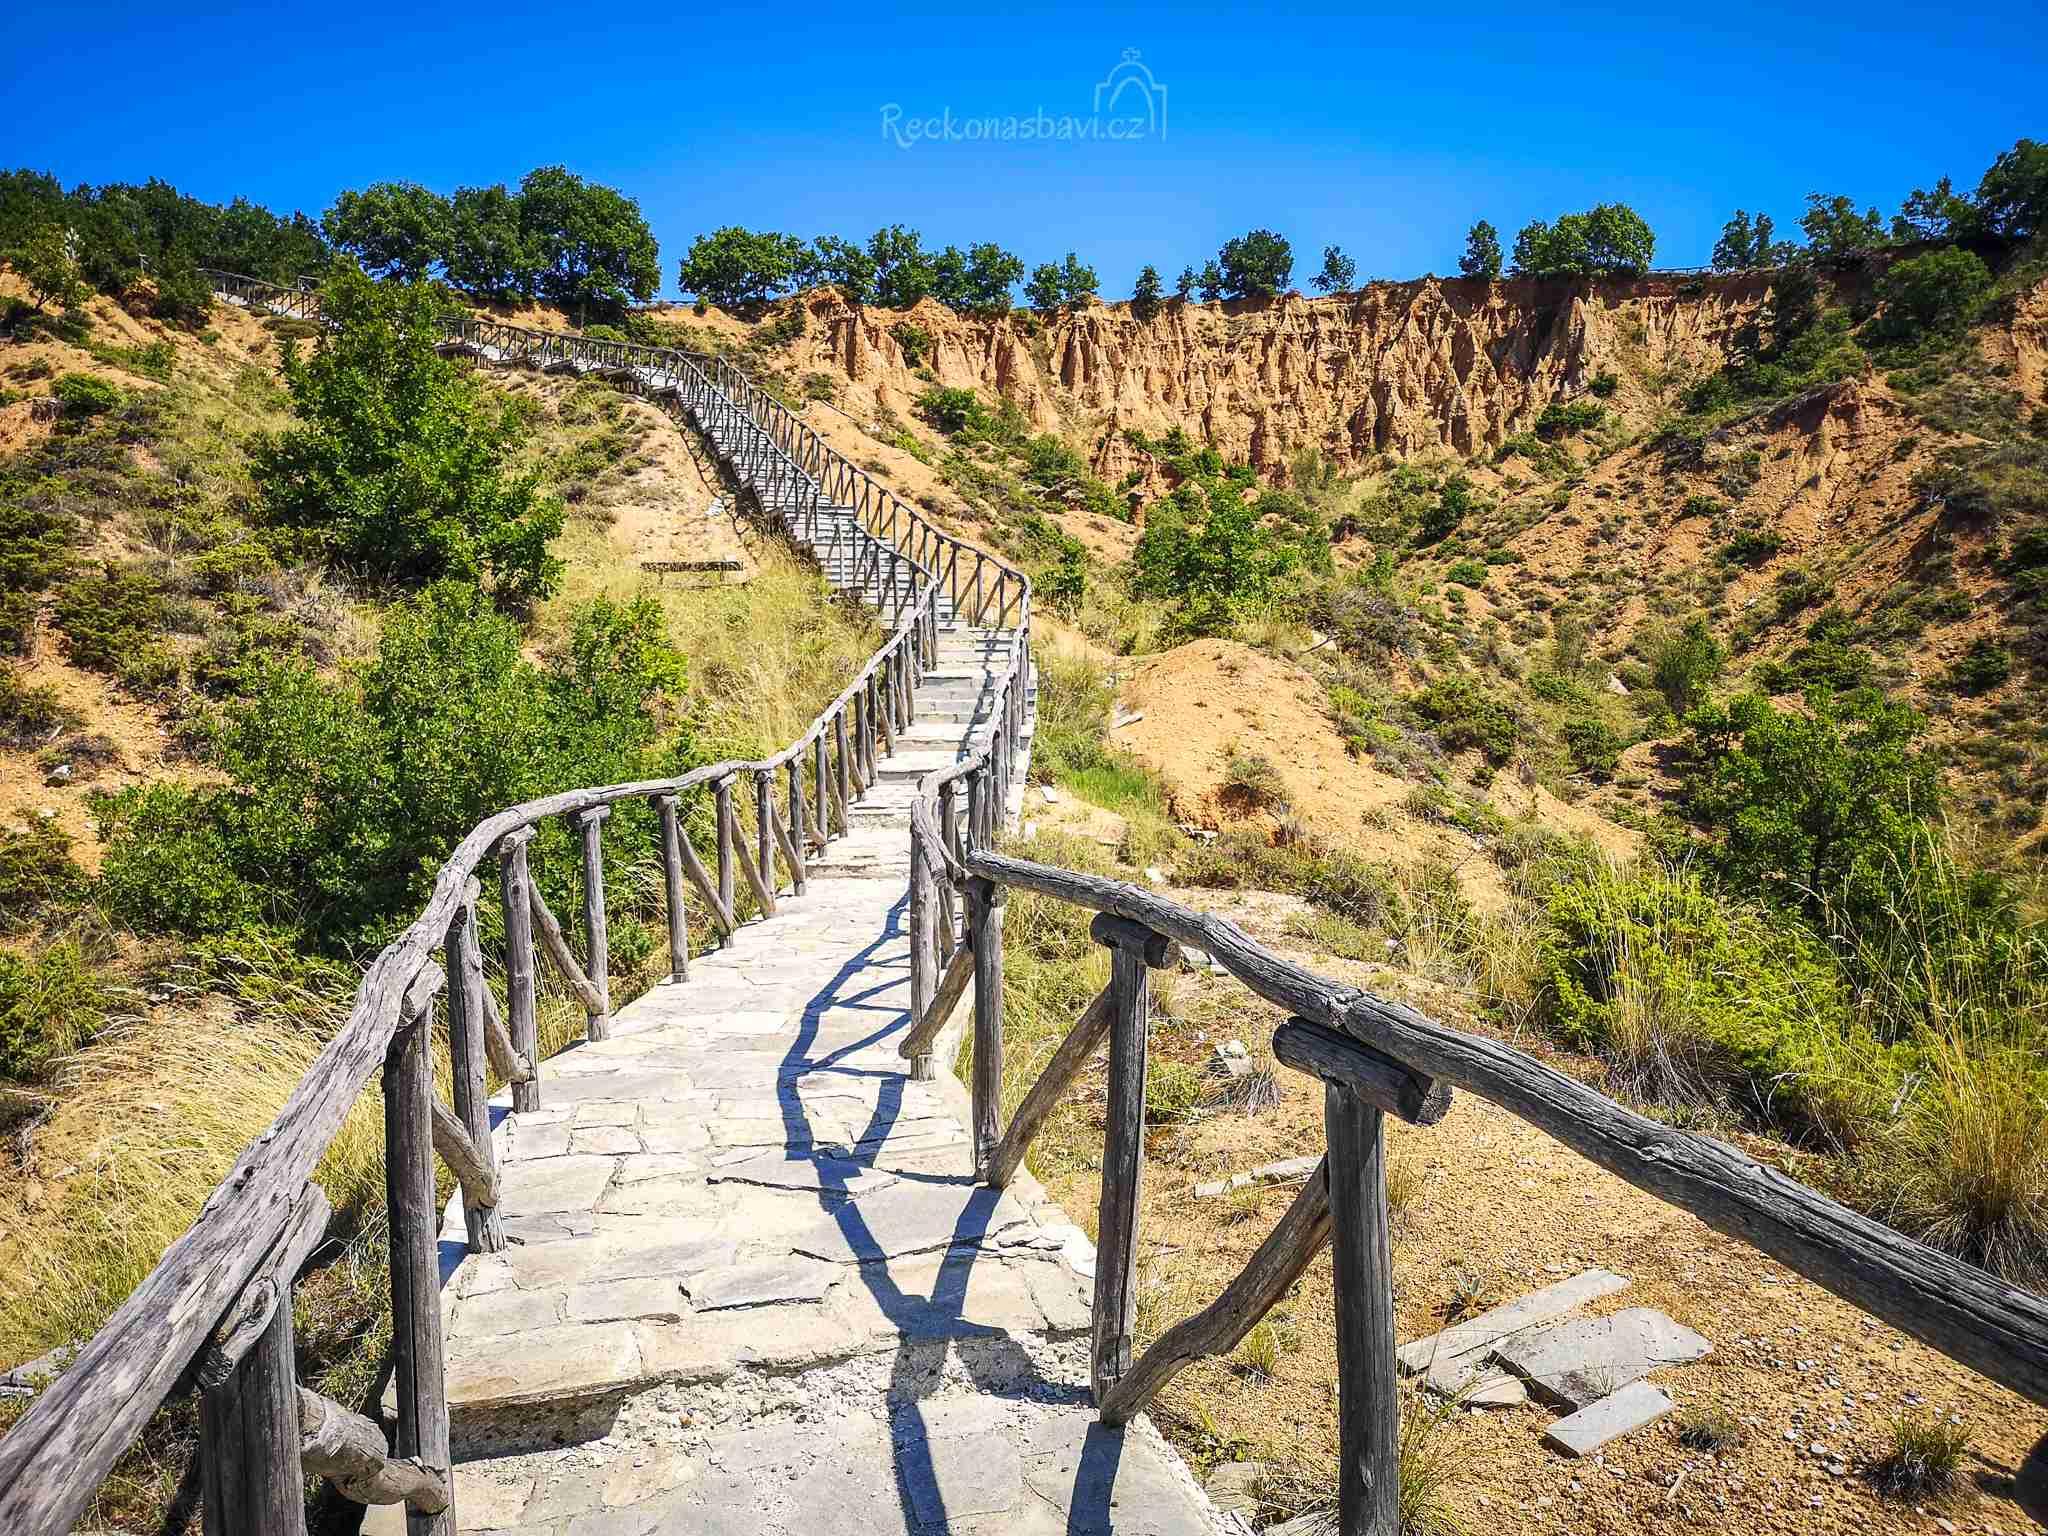 Turistický kamenem dlážděný chodník, který byl vybudován z dotací EU začíná pomalu chátrat